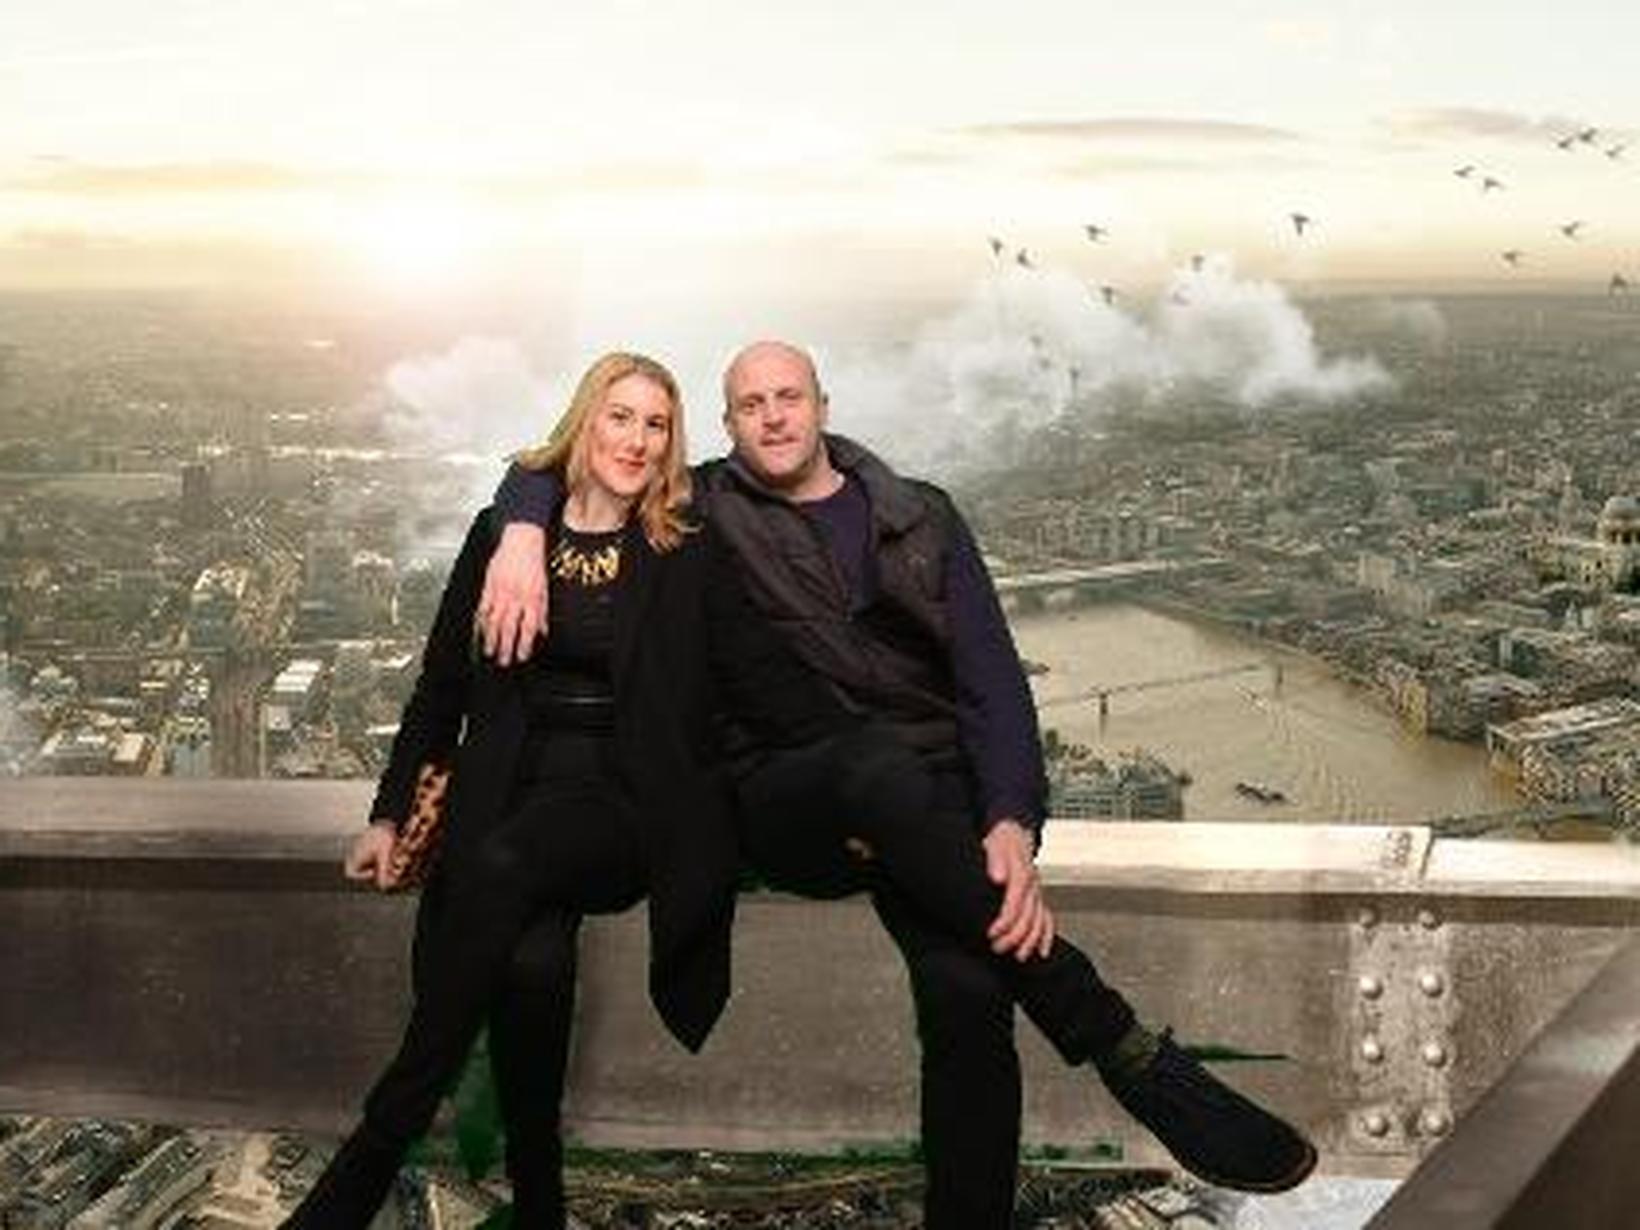 Jess & Daniel from York, United Kingdom